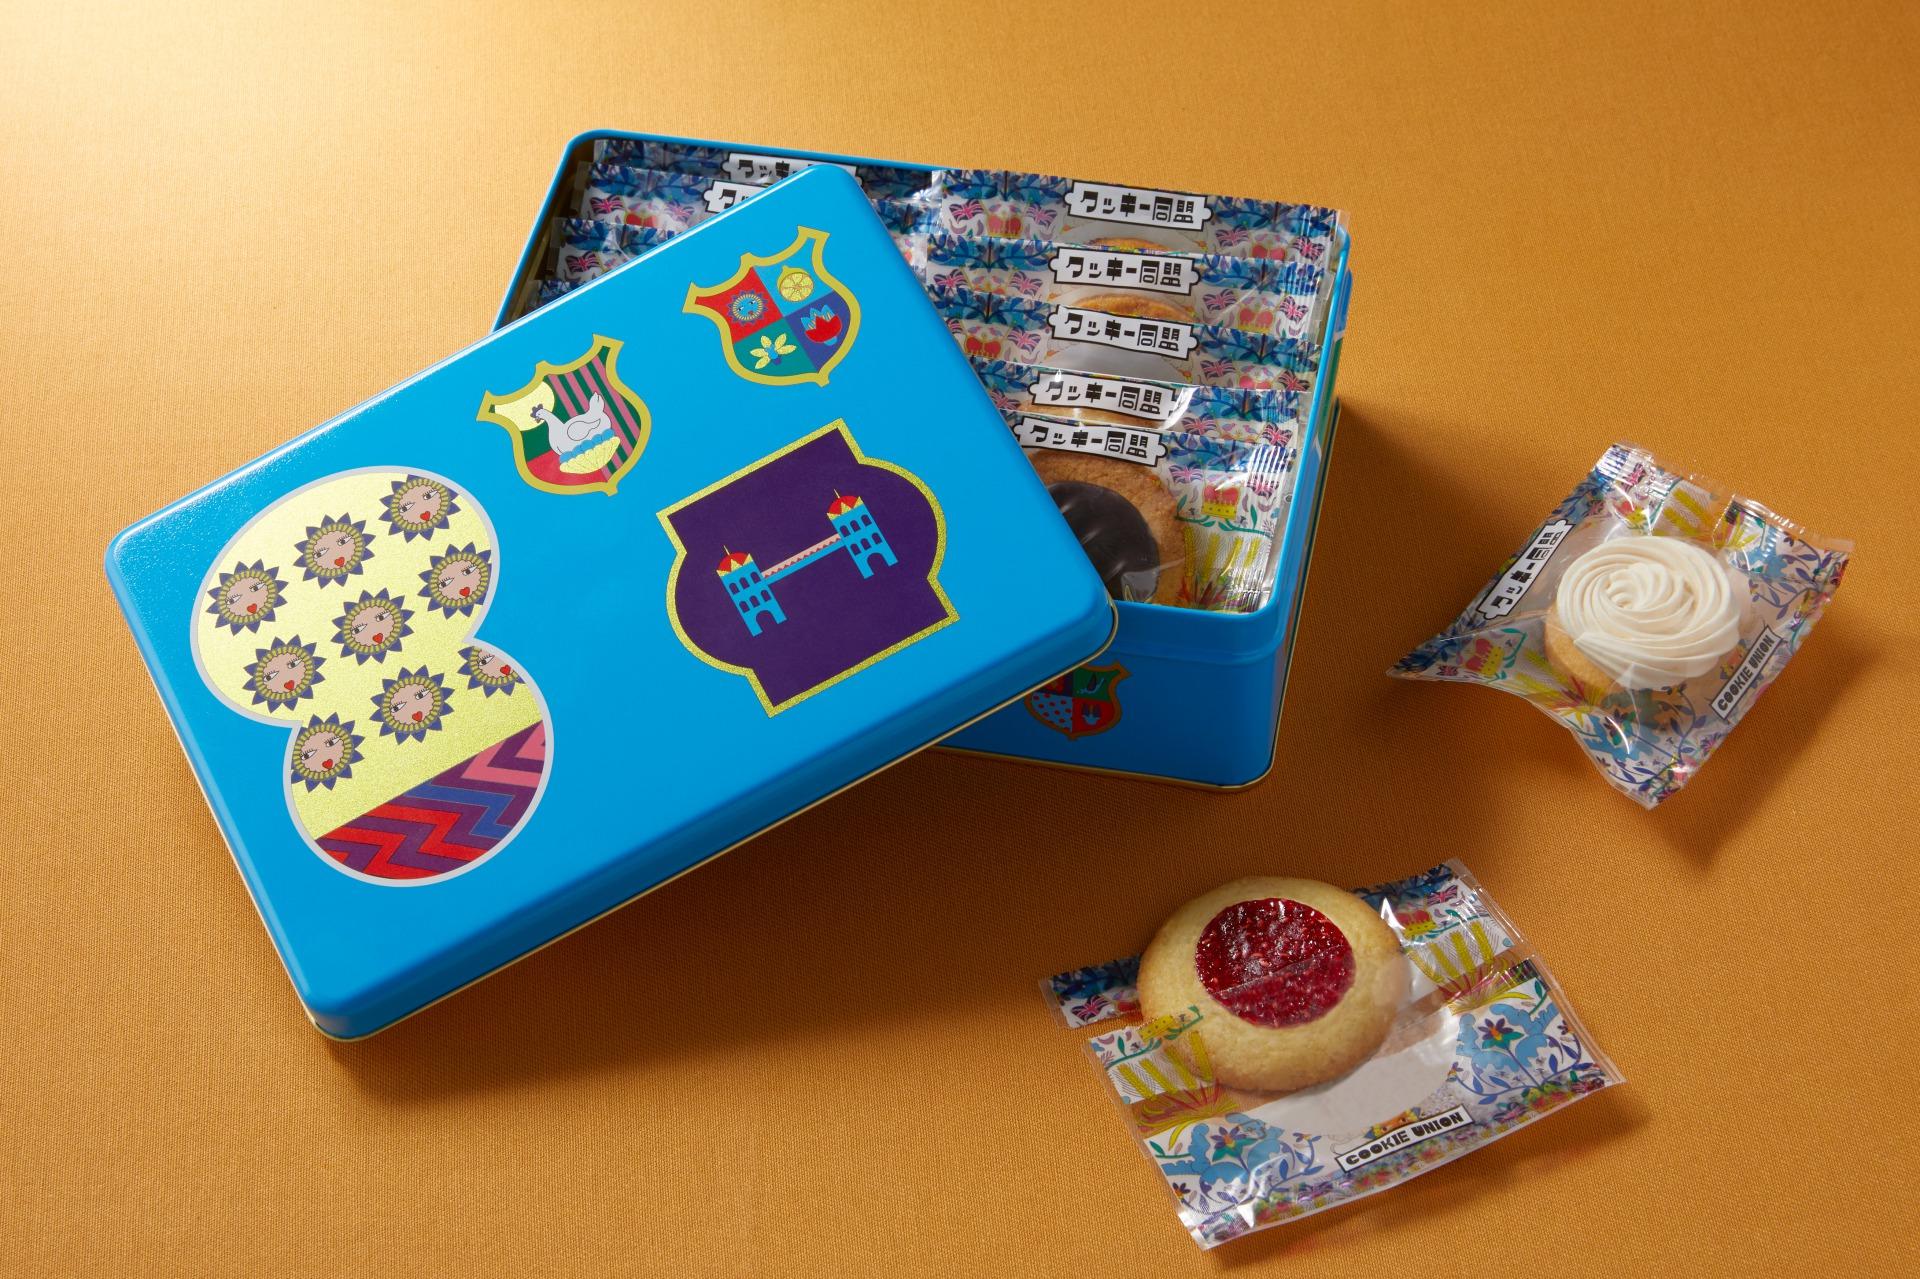 クッキー同盟「クッキー同盟アソート缶 15個入り」3,000円  【問い合わせ先】 ブロードエッジ・ファクトリー 公式サイト:http://www.cookieunion.jp/